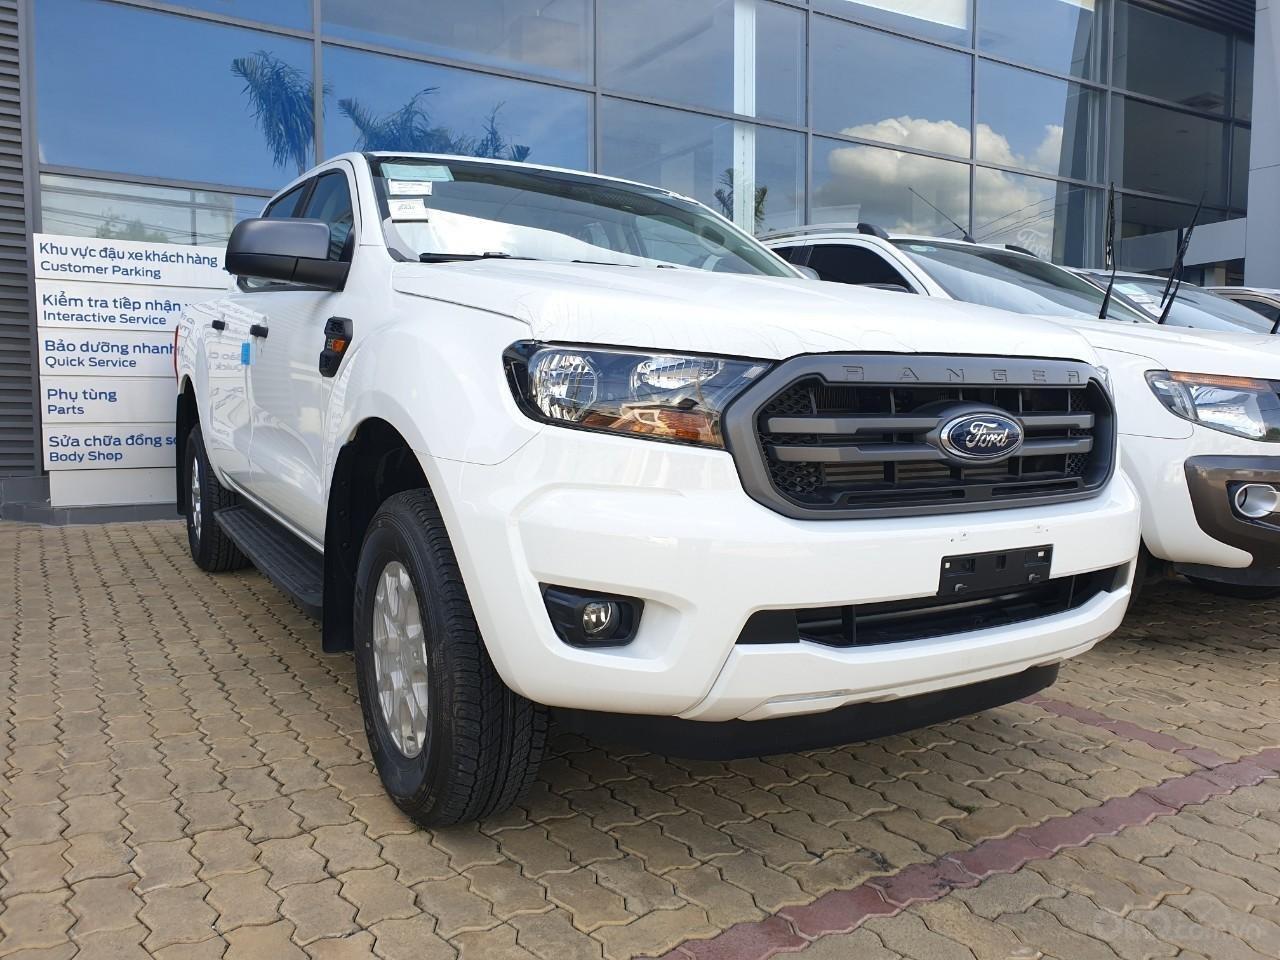 Ford Tây Ninh bán Ford Ranger bán tải 2019 giao ngay giá rẻ nhất, liên hệ 0962.060.416 (1)